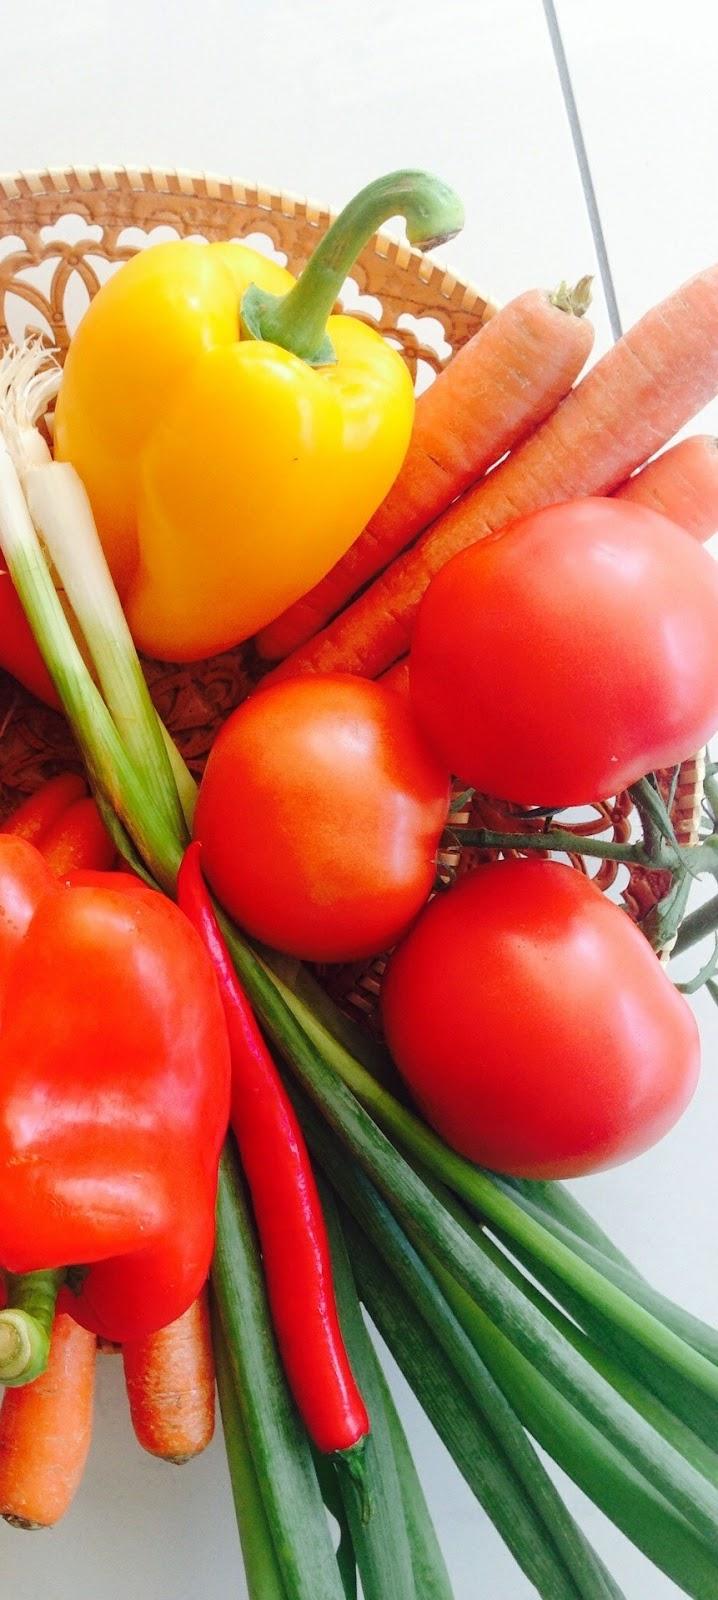 Vegetable basket.